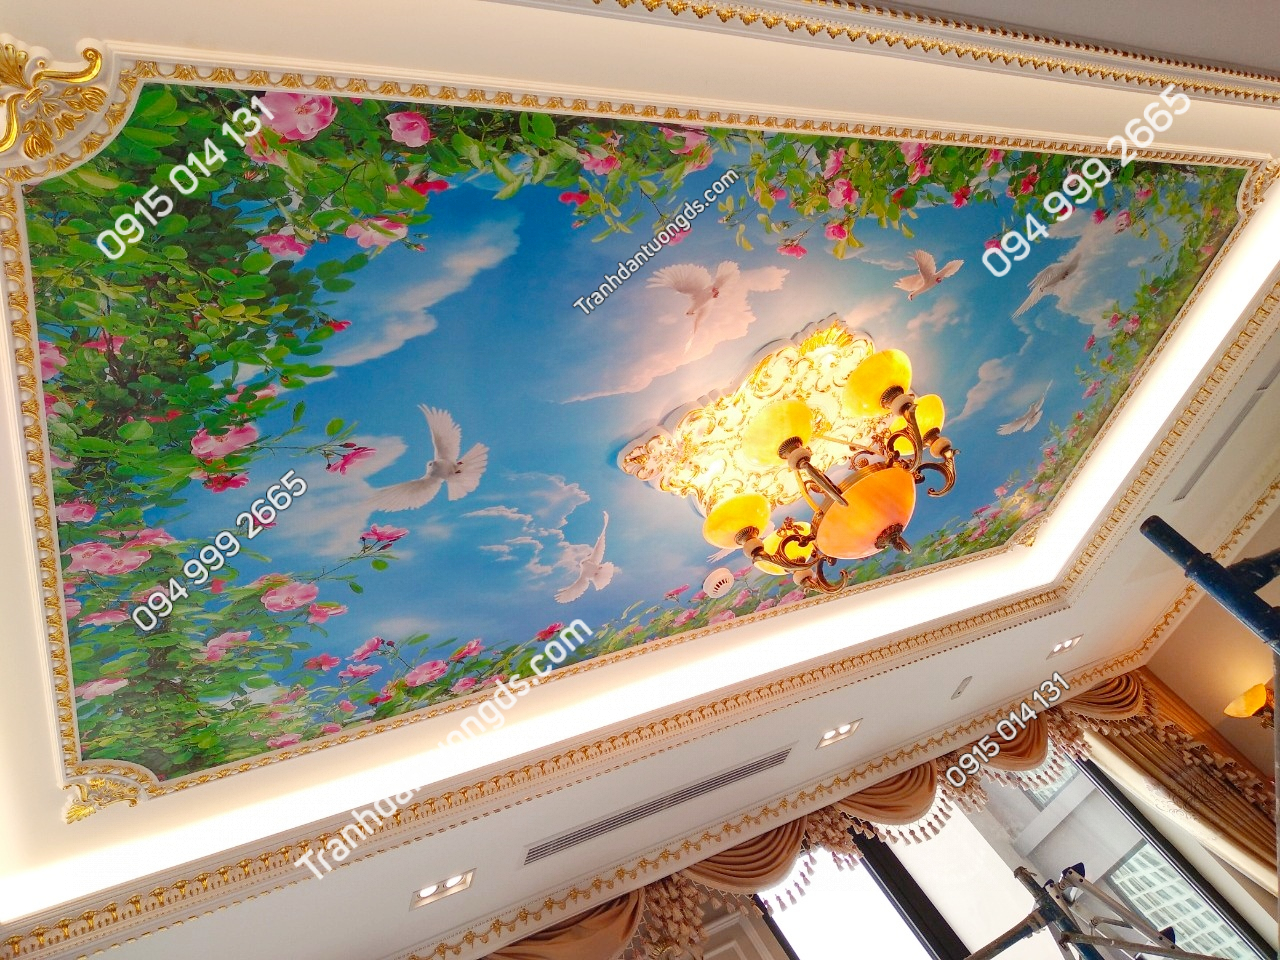 Tranh dán trần bầu trời cho phòng khách biệt thự